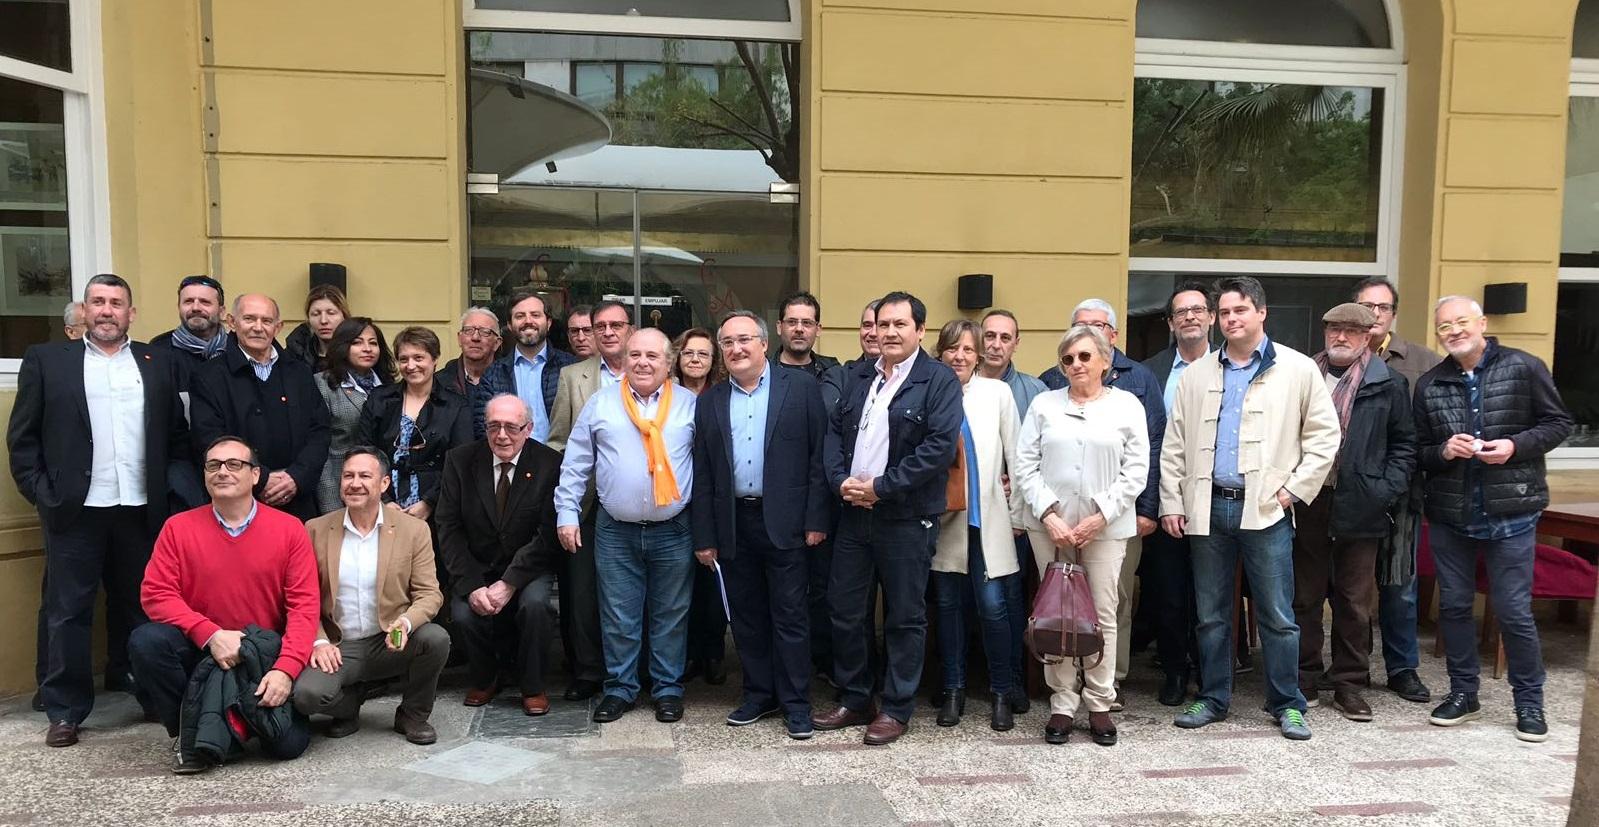 El presidente del CODECS, Victorino Aparici -primera fila, quinto por la izquierda, de pie- expuso la realidad de la odontología en el 'Café Ciudadano' celebrado el sábado 7 de abril en Castellón.